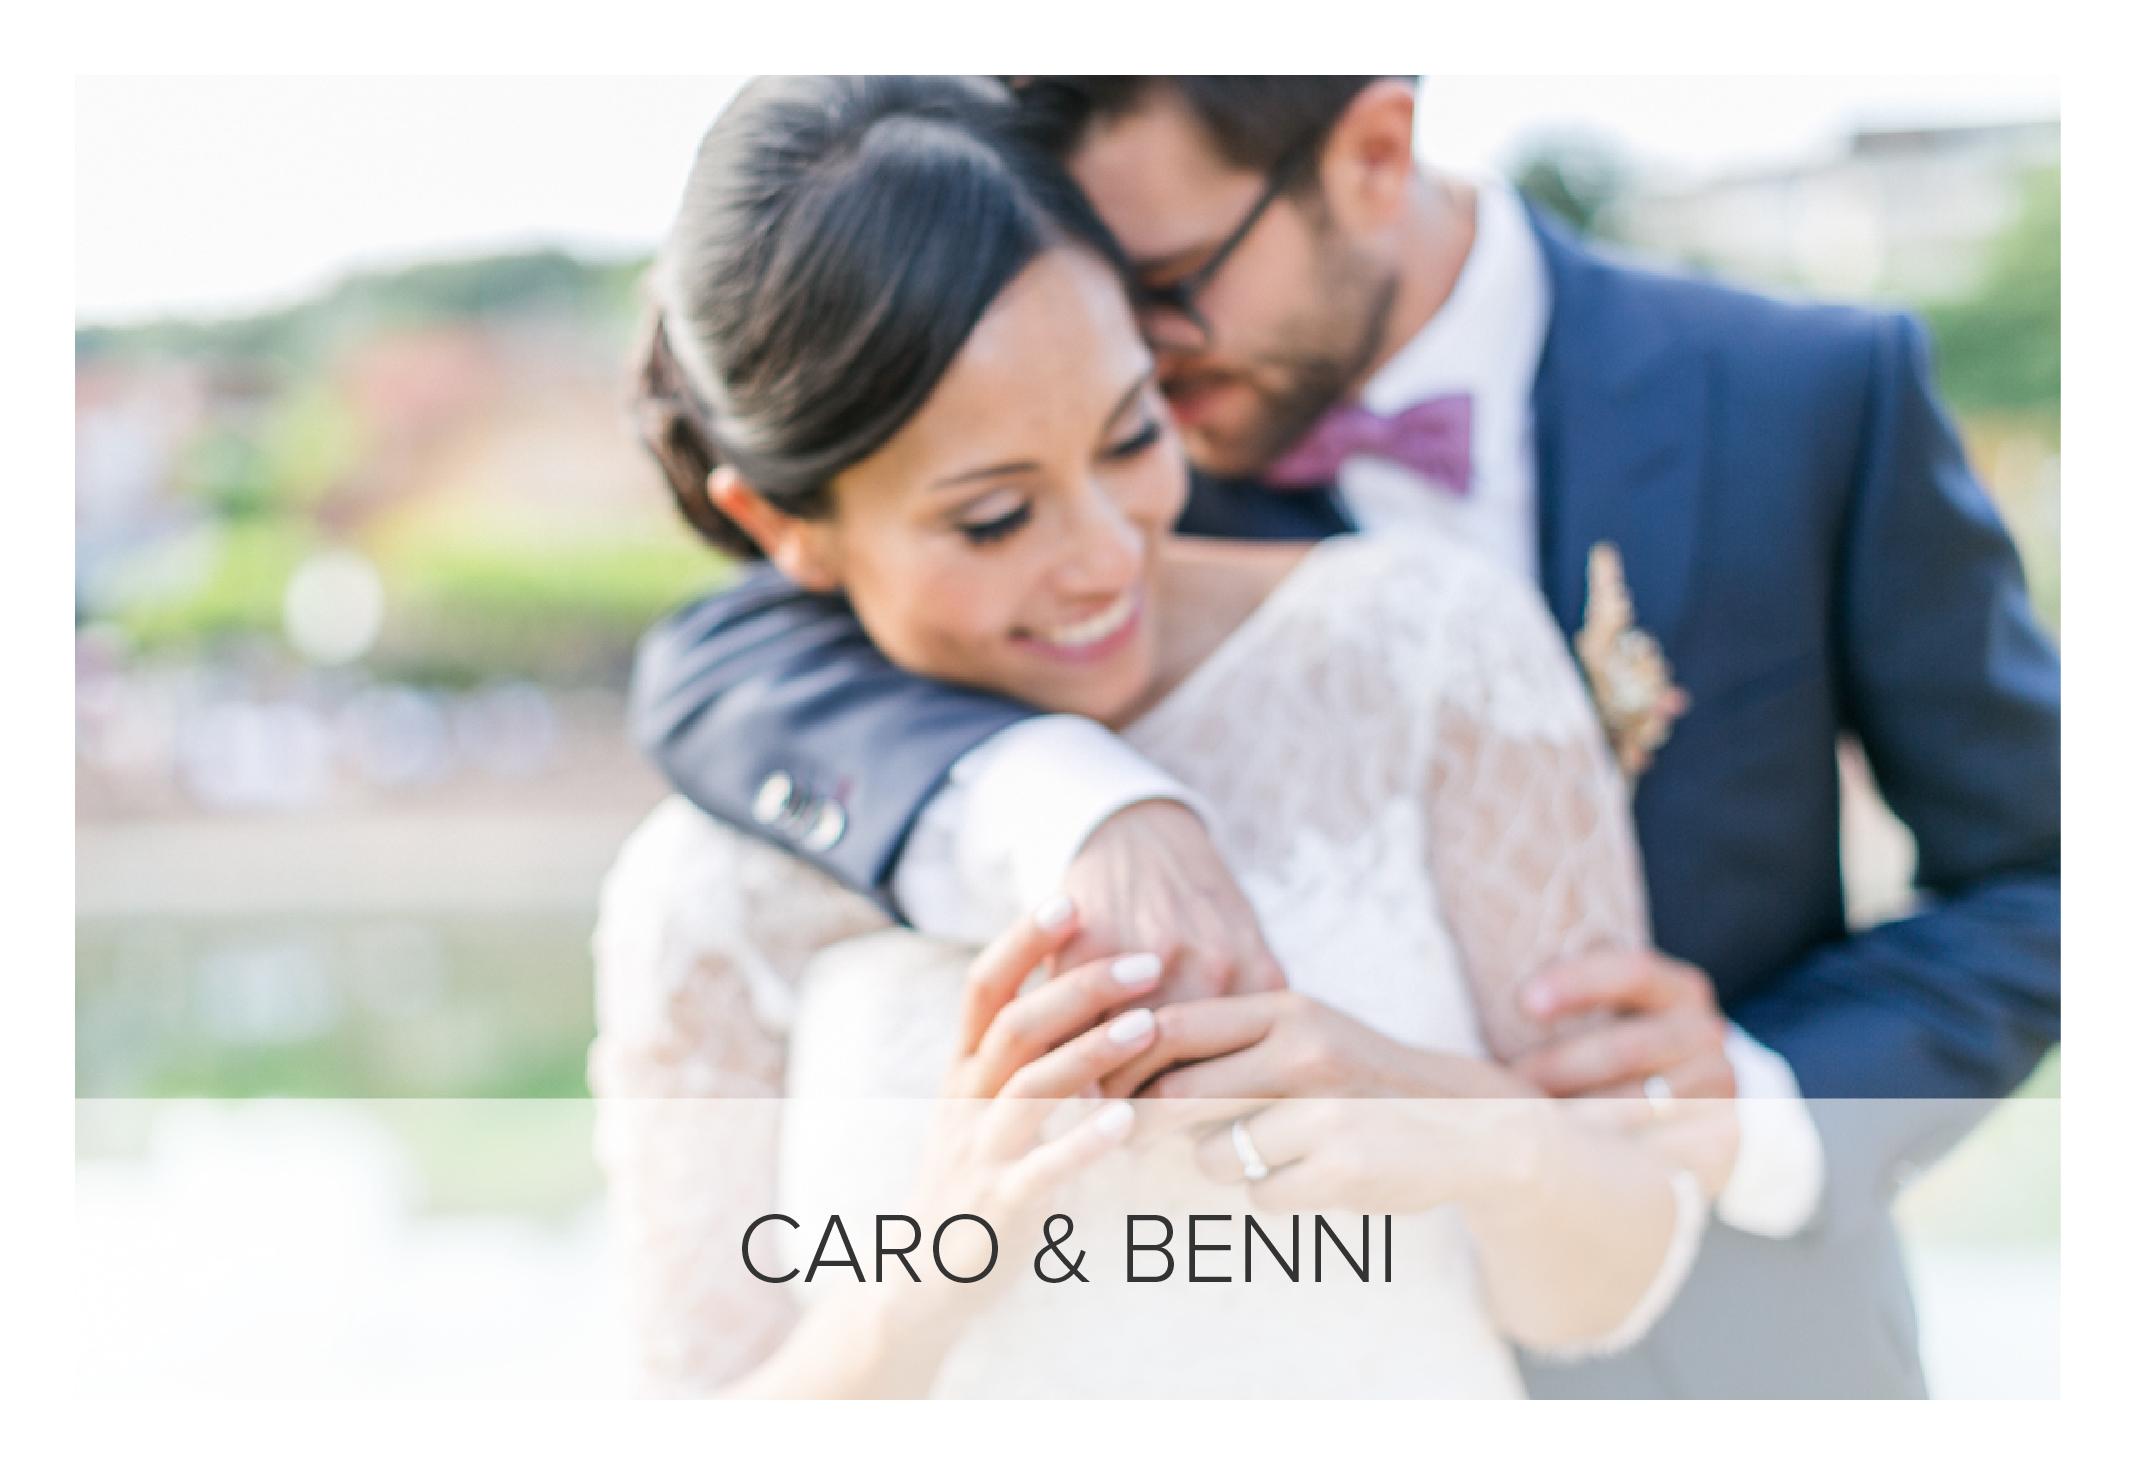 Caro+Benni.jpg